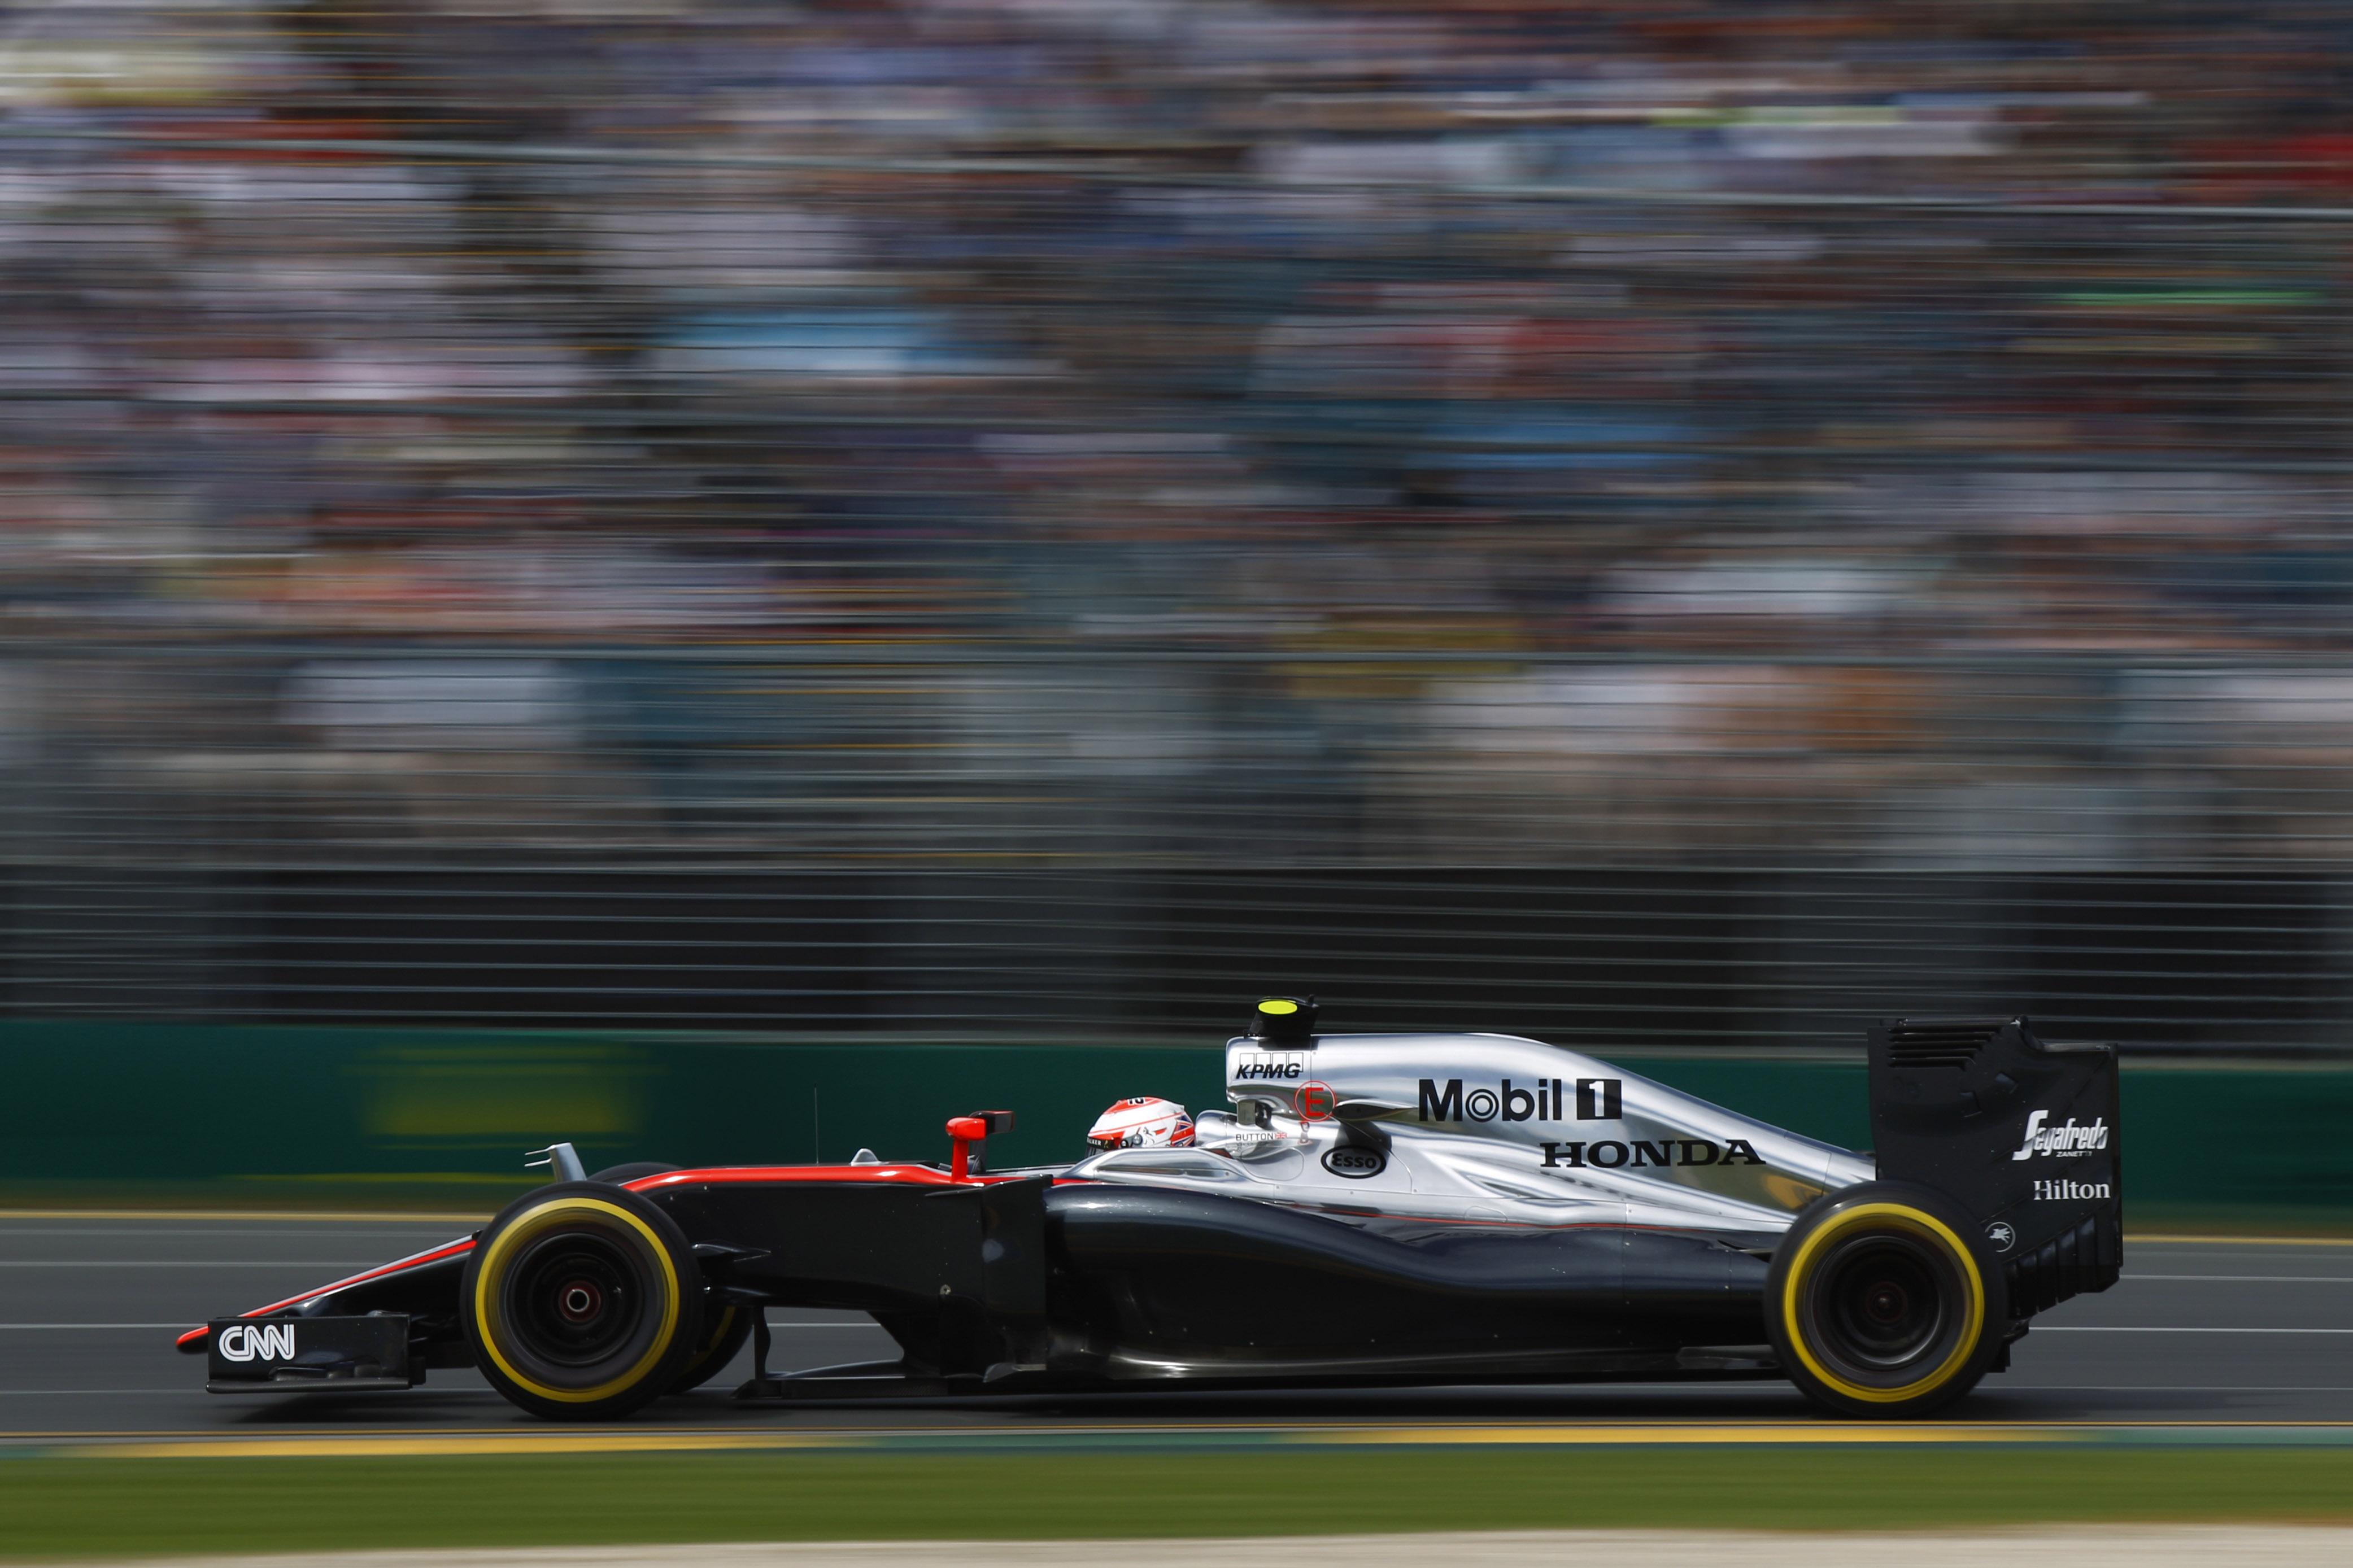 Malesia: anteprima McLaren-Honda